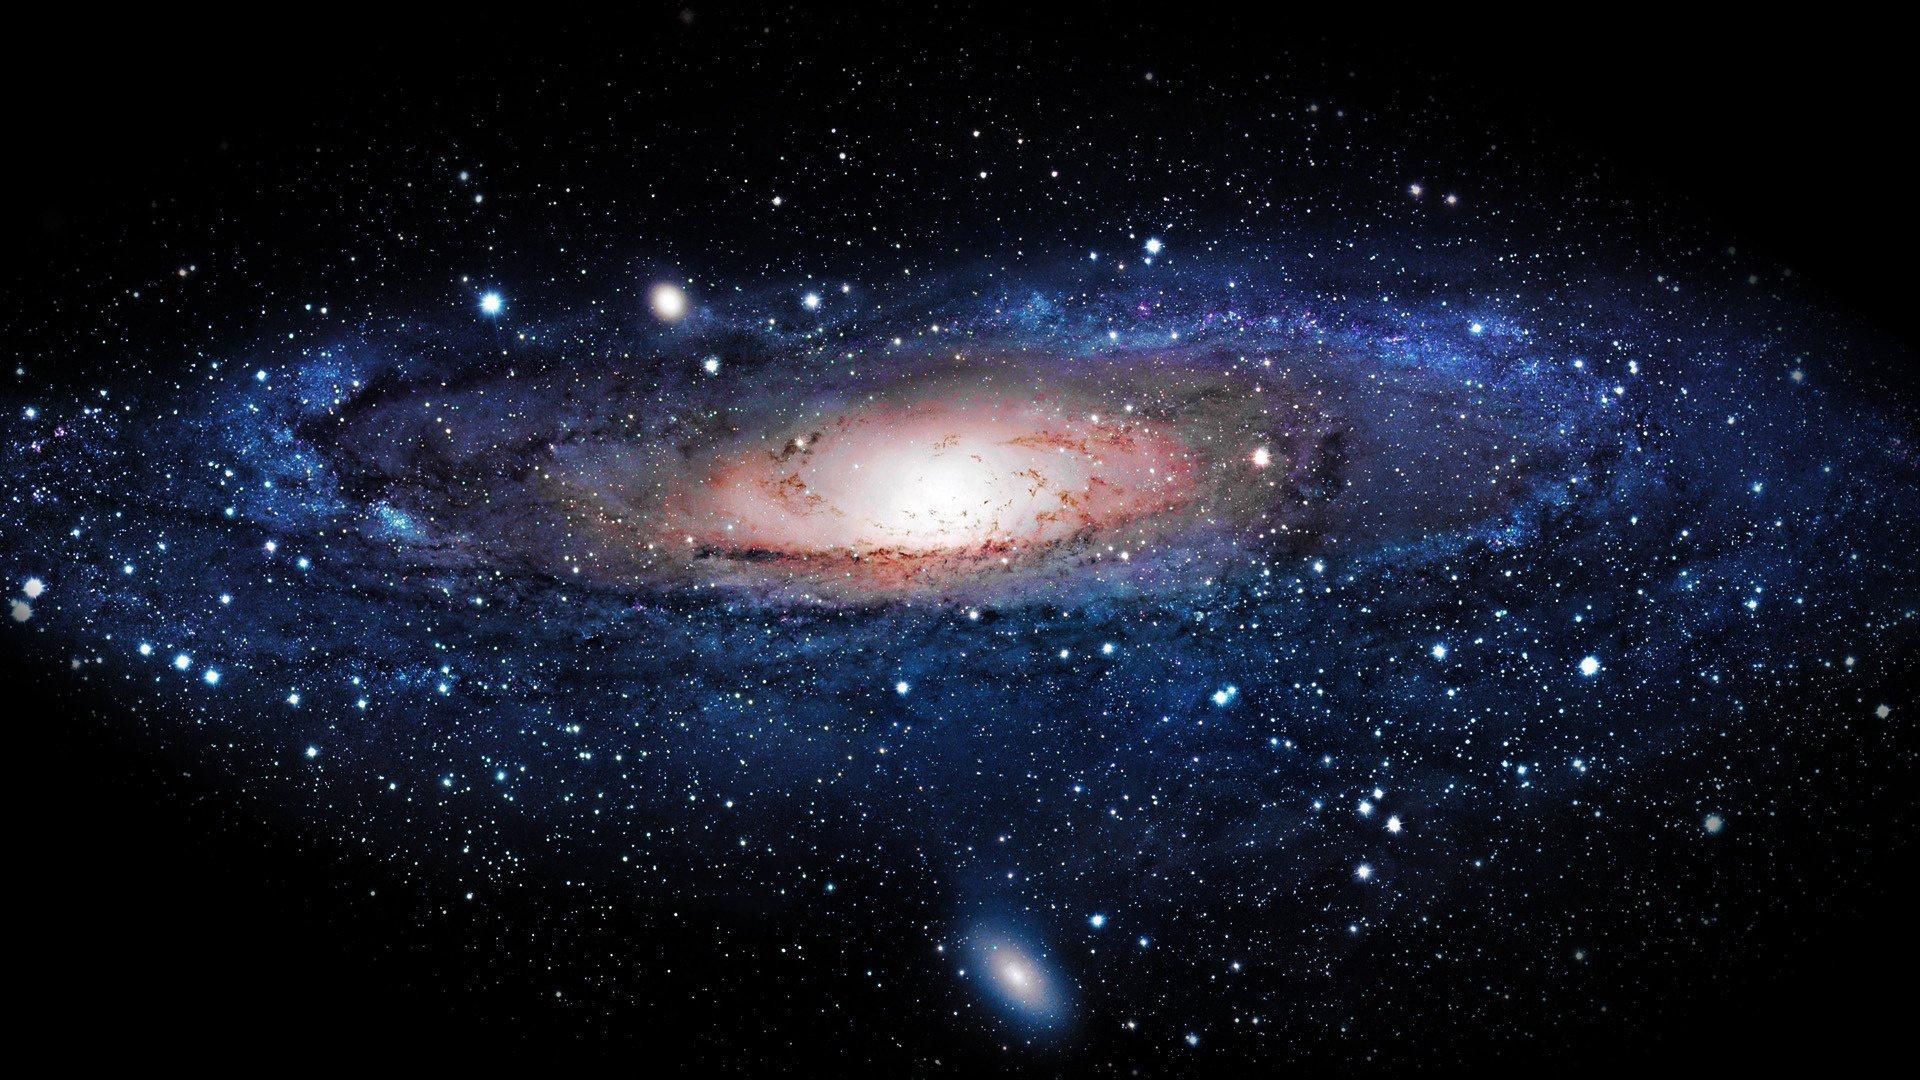 懸念される宇宙ごみ・スペースデブリ問題と今後の宇宙開発の課題。